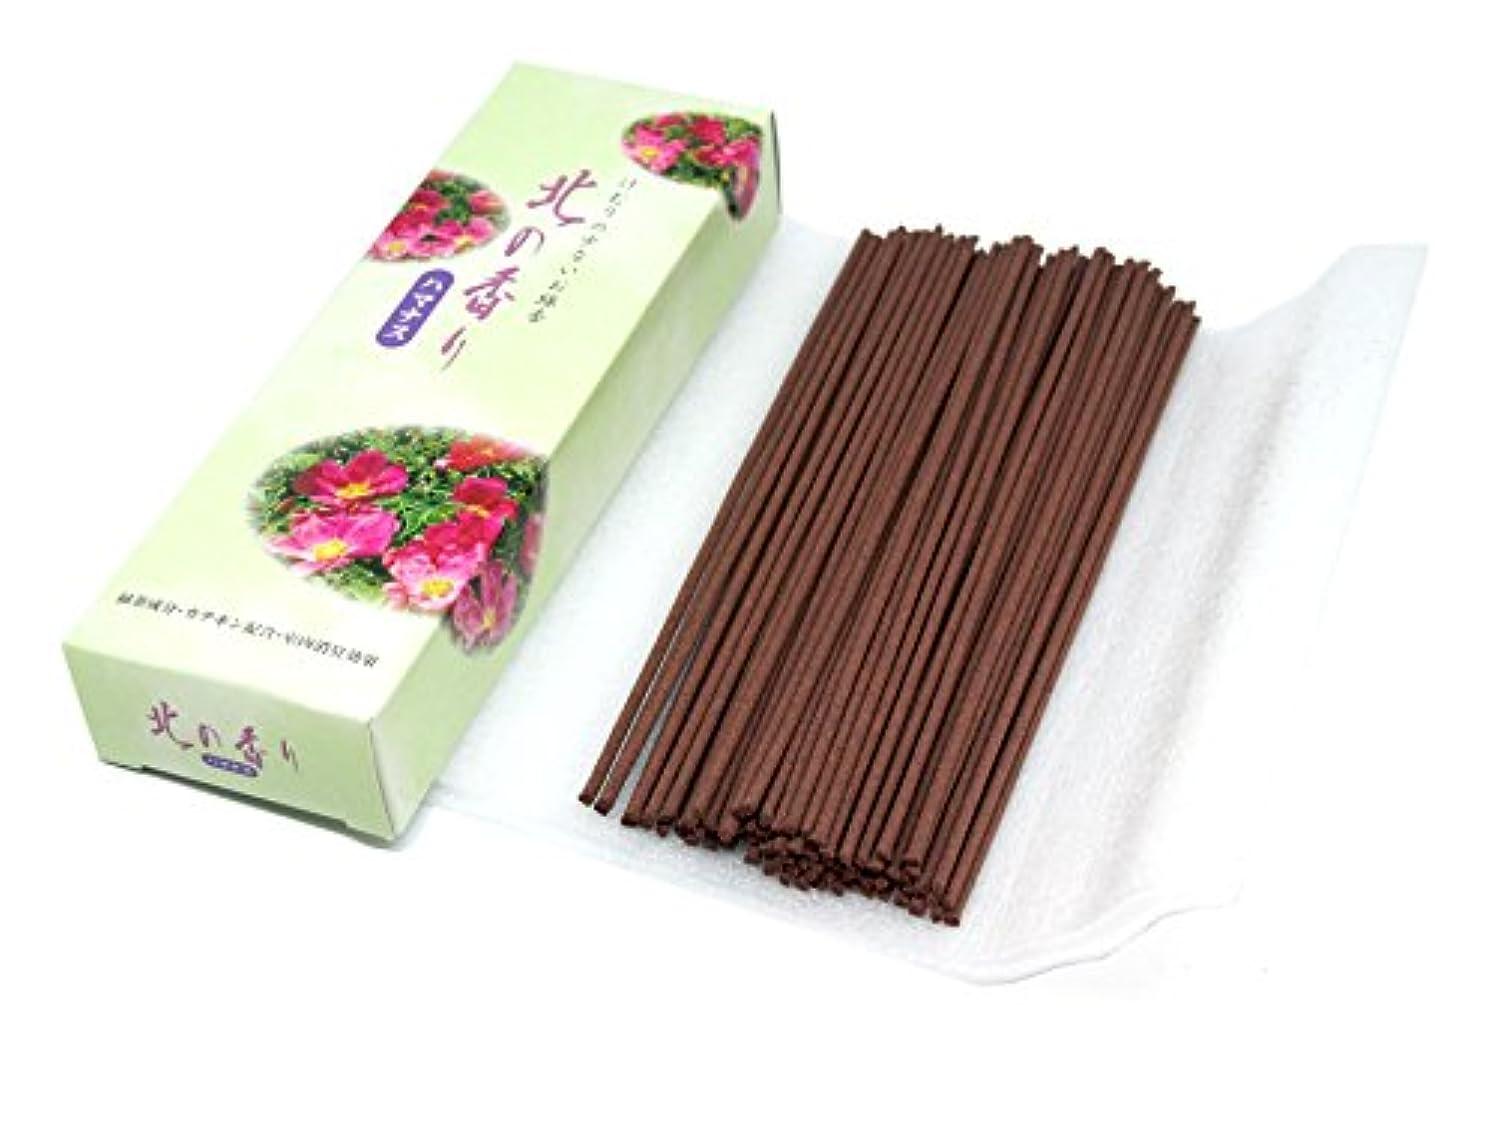 ワット繕う発行Seikado Japanese Incense Sticks Kita No Kaori Hamanasu (ビーチローズ)スモールパック – 5.5インチ80 Sticks – Green Tea Deodorizer...